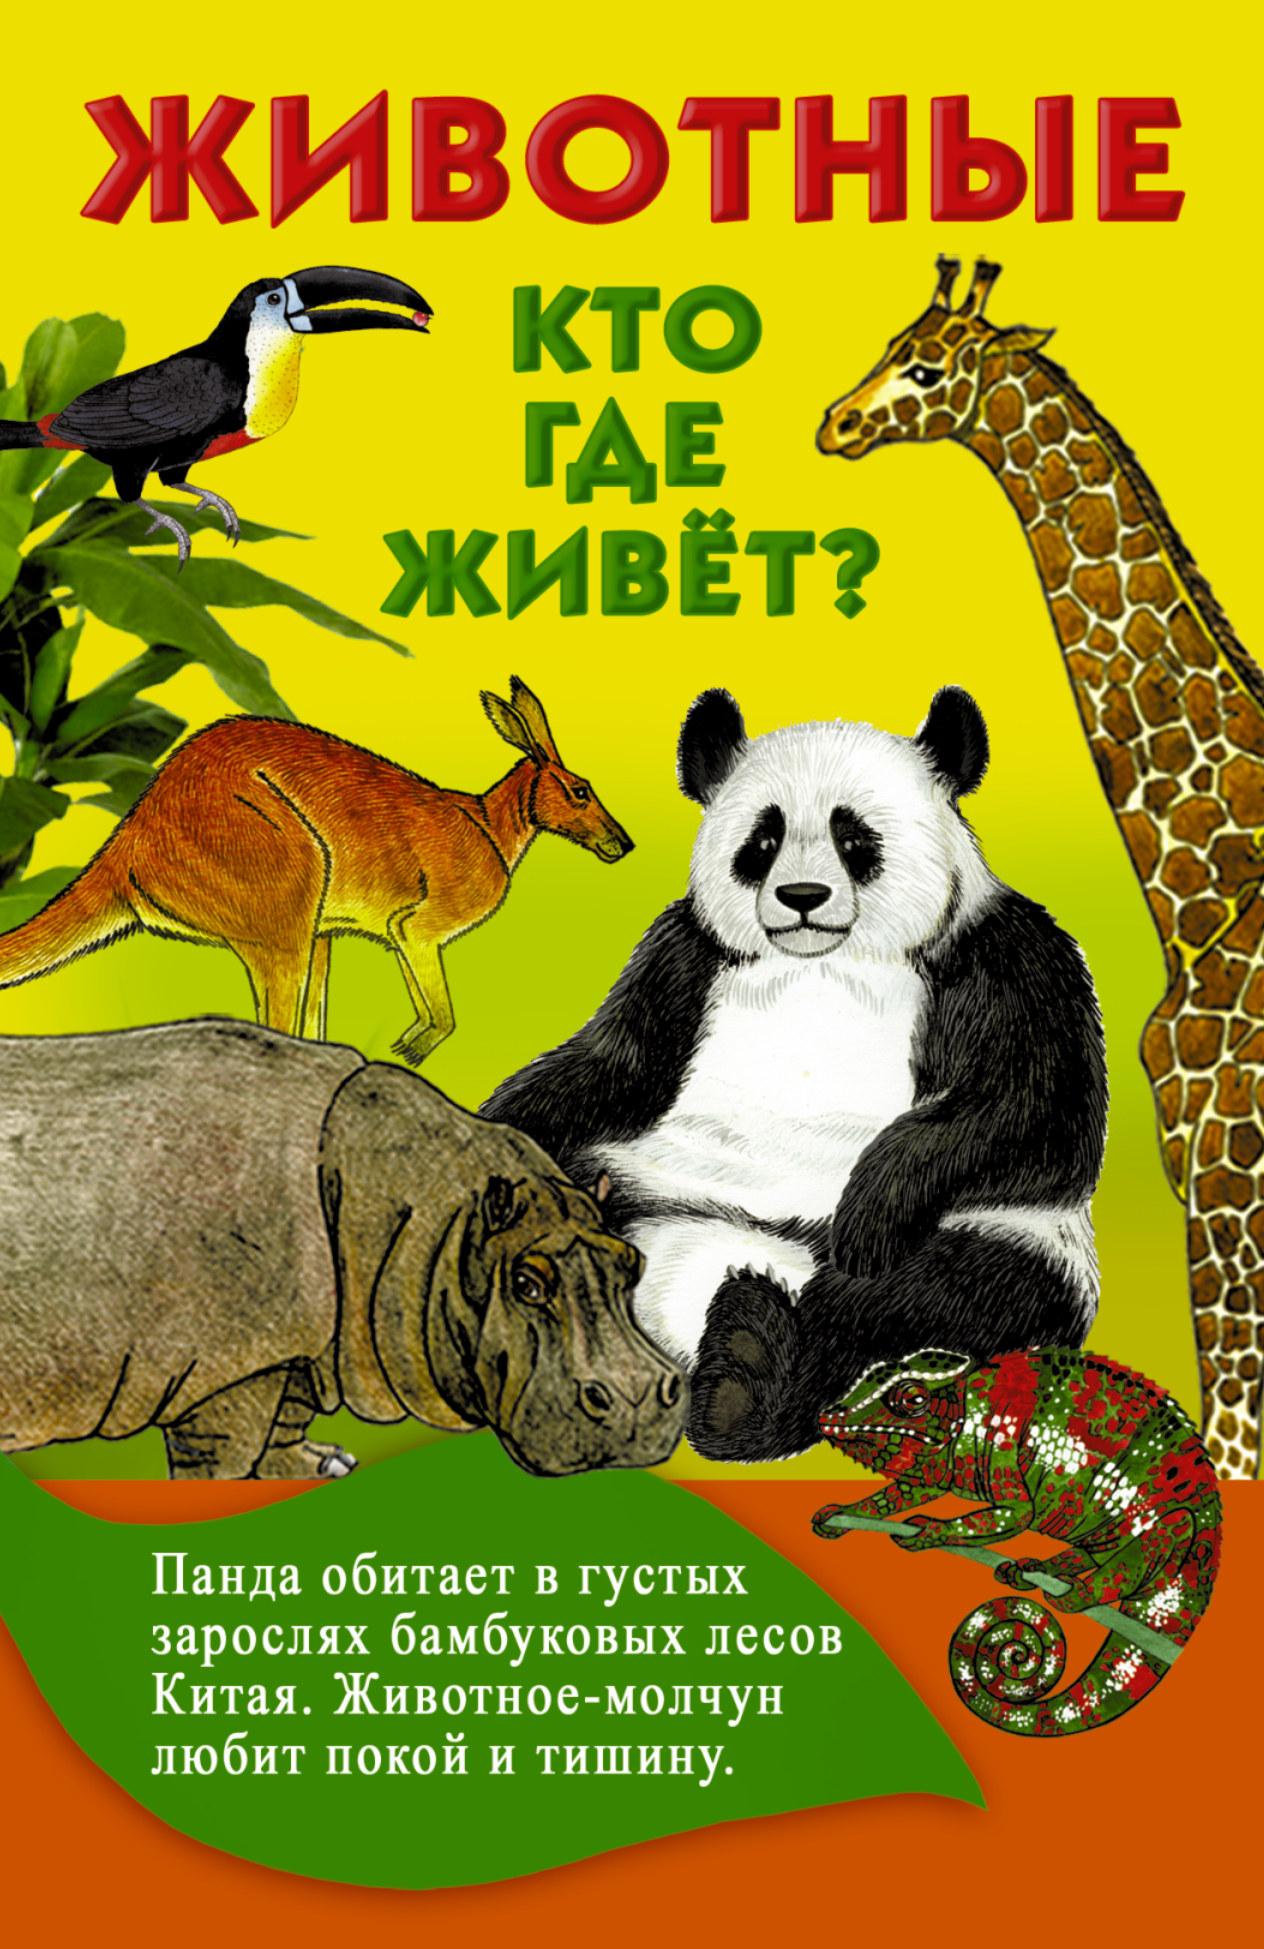 Книги с рассказами о животных с авторами список преимуществами